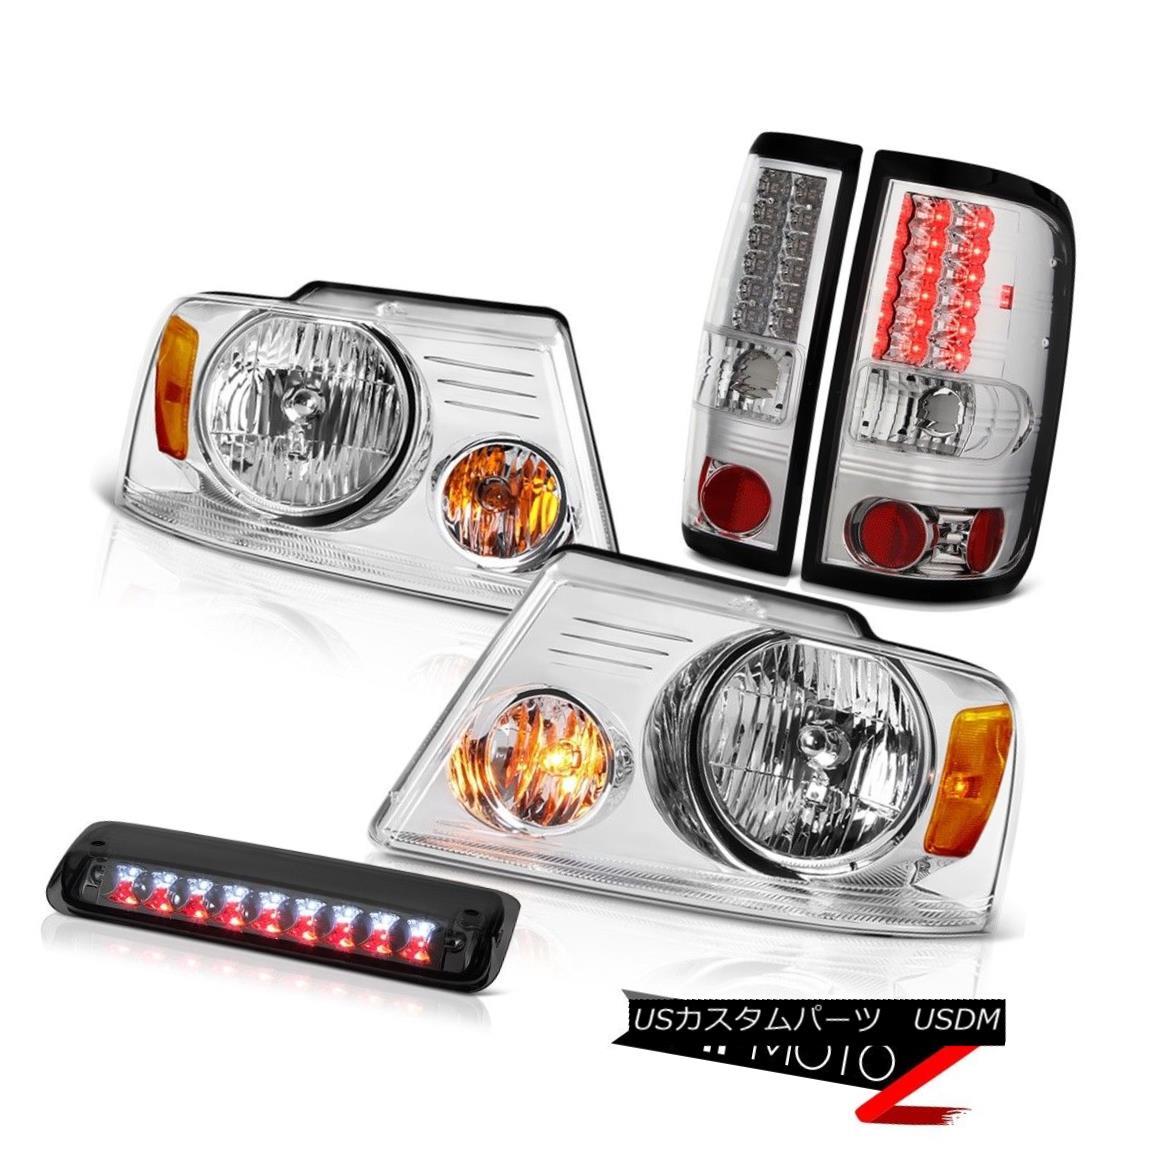 テールライト 04-08 Ford F150 STX Chrome Headlights 3RD Brake Light Tail Lamps LED